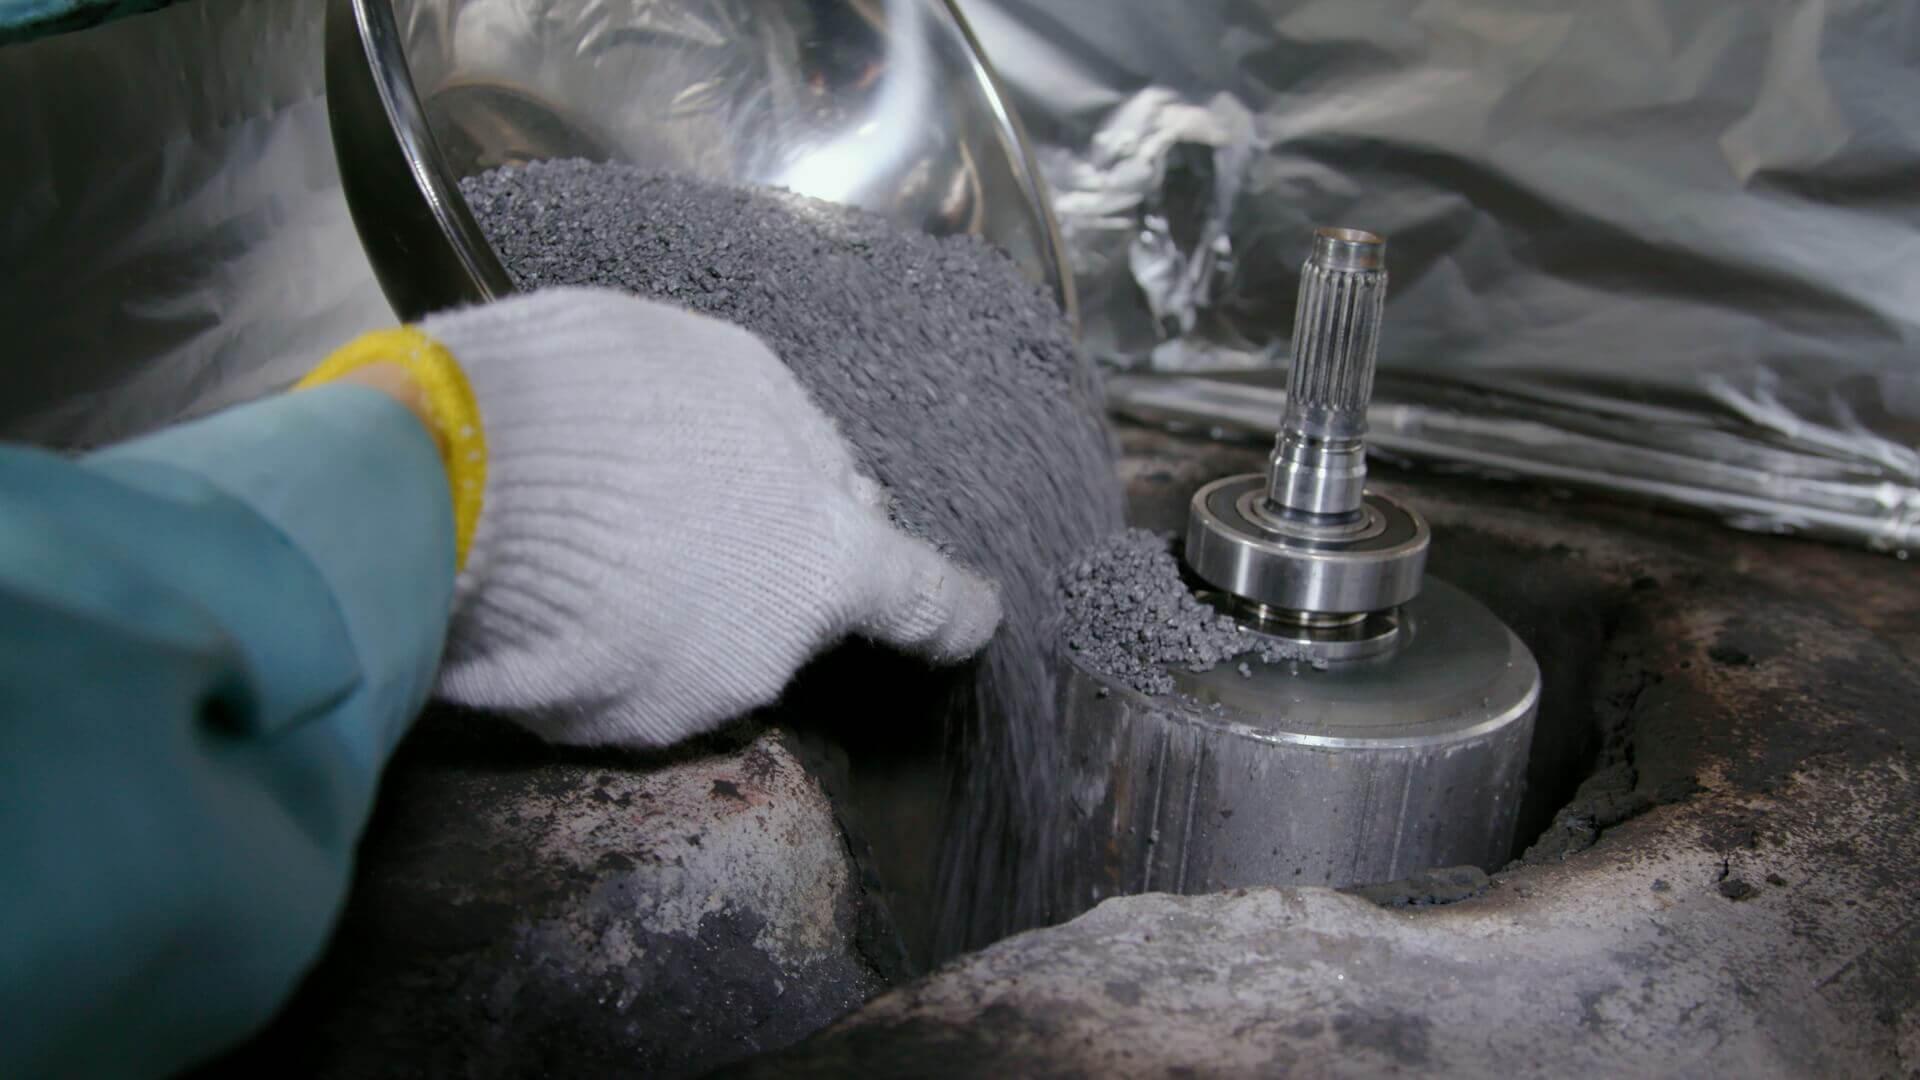 Технологический процесс позволяет эффективно извлекать из двигателей электромобилей высокочистые соединения редкоземельных элементов